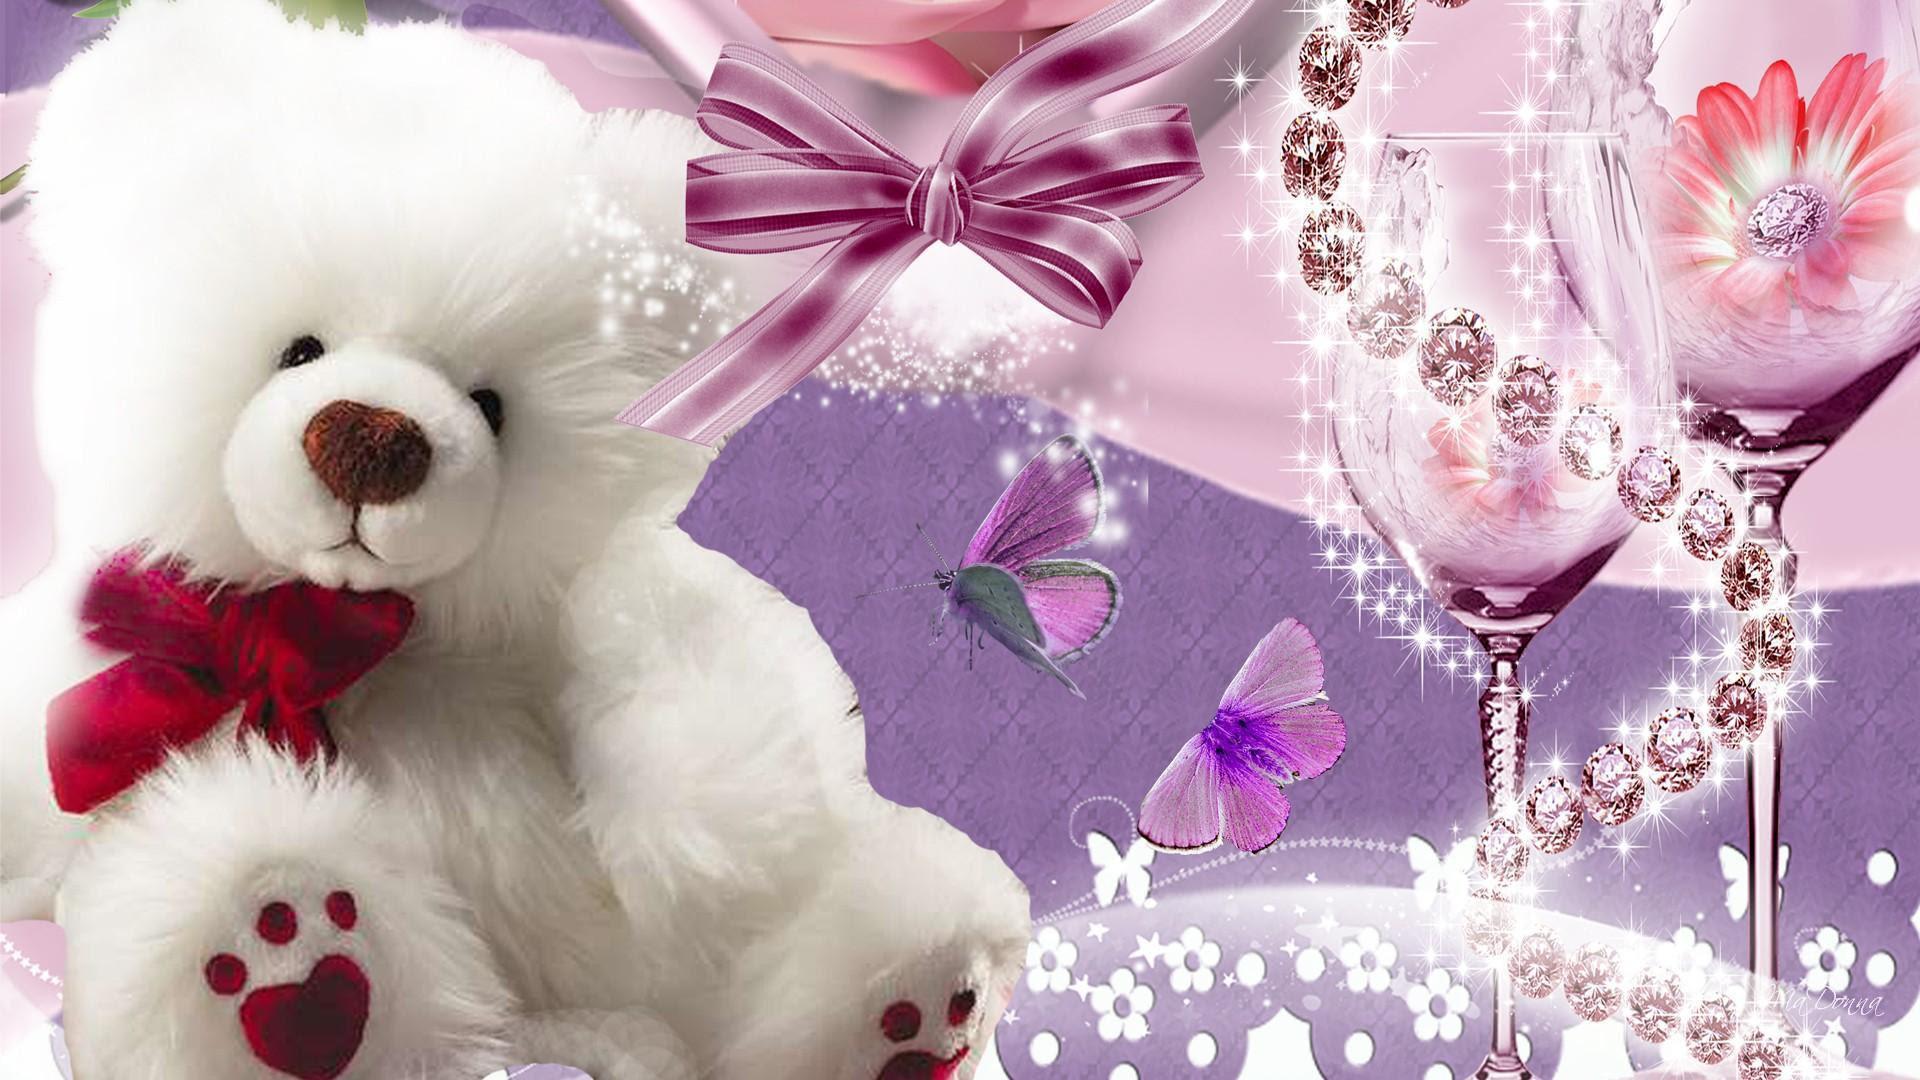 Teddy Bear Wallpaper Whatsapp